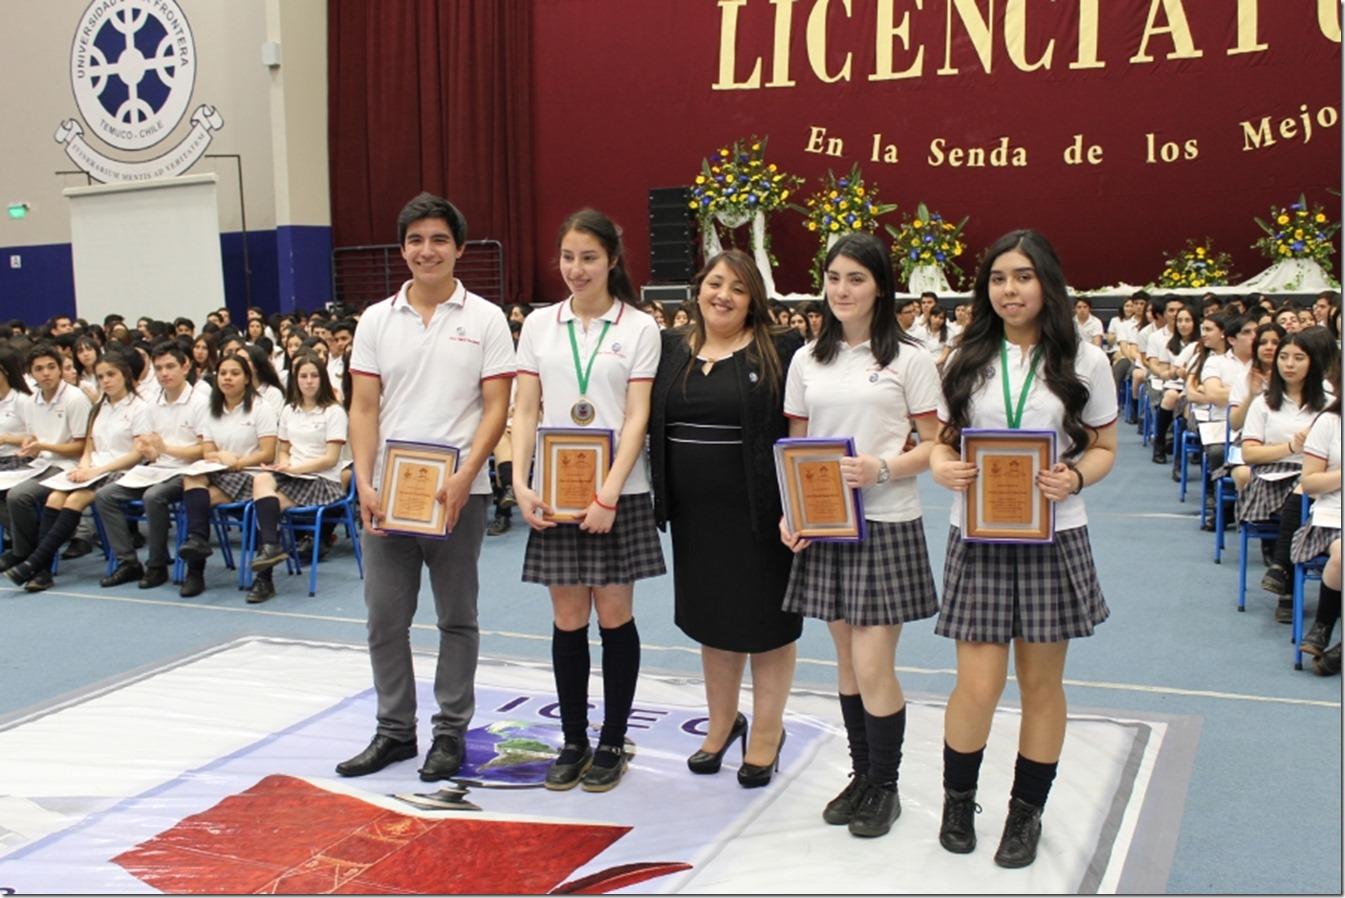 Licenciatura Liceo Camilo Henriquez (1)